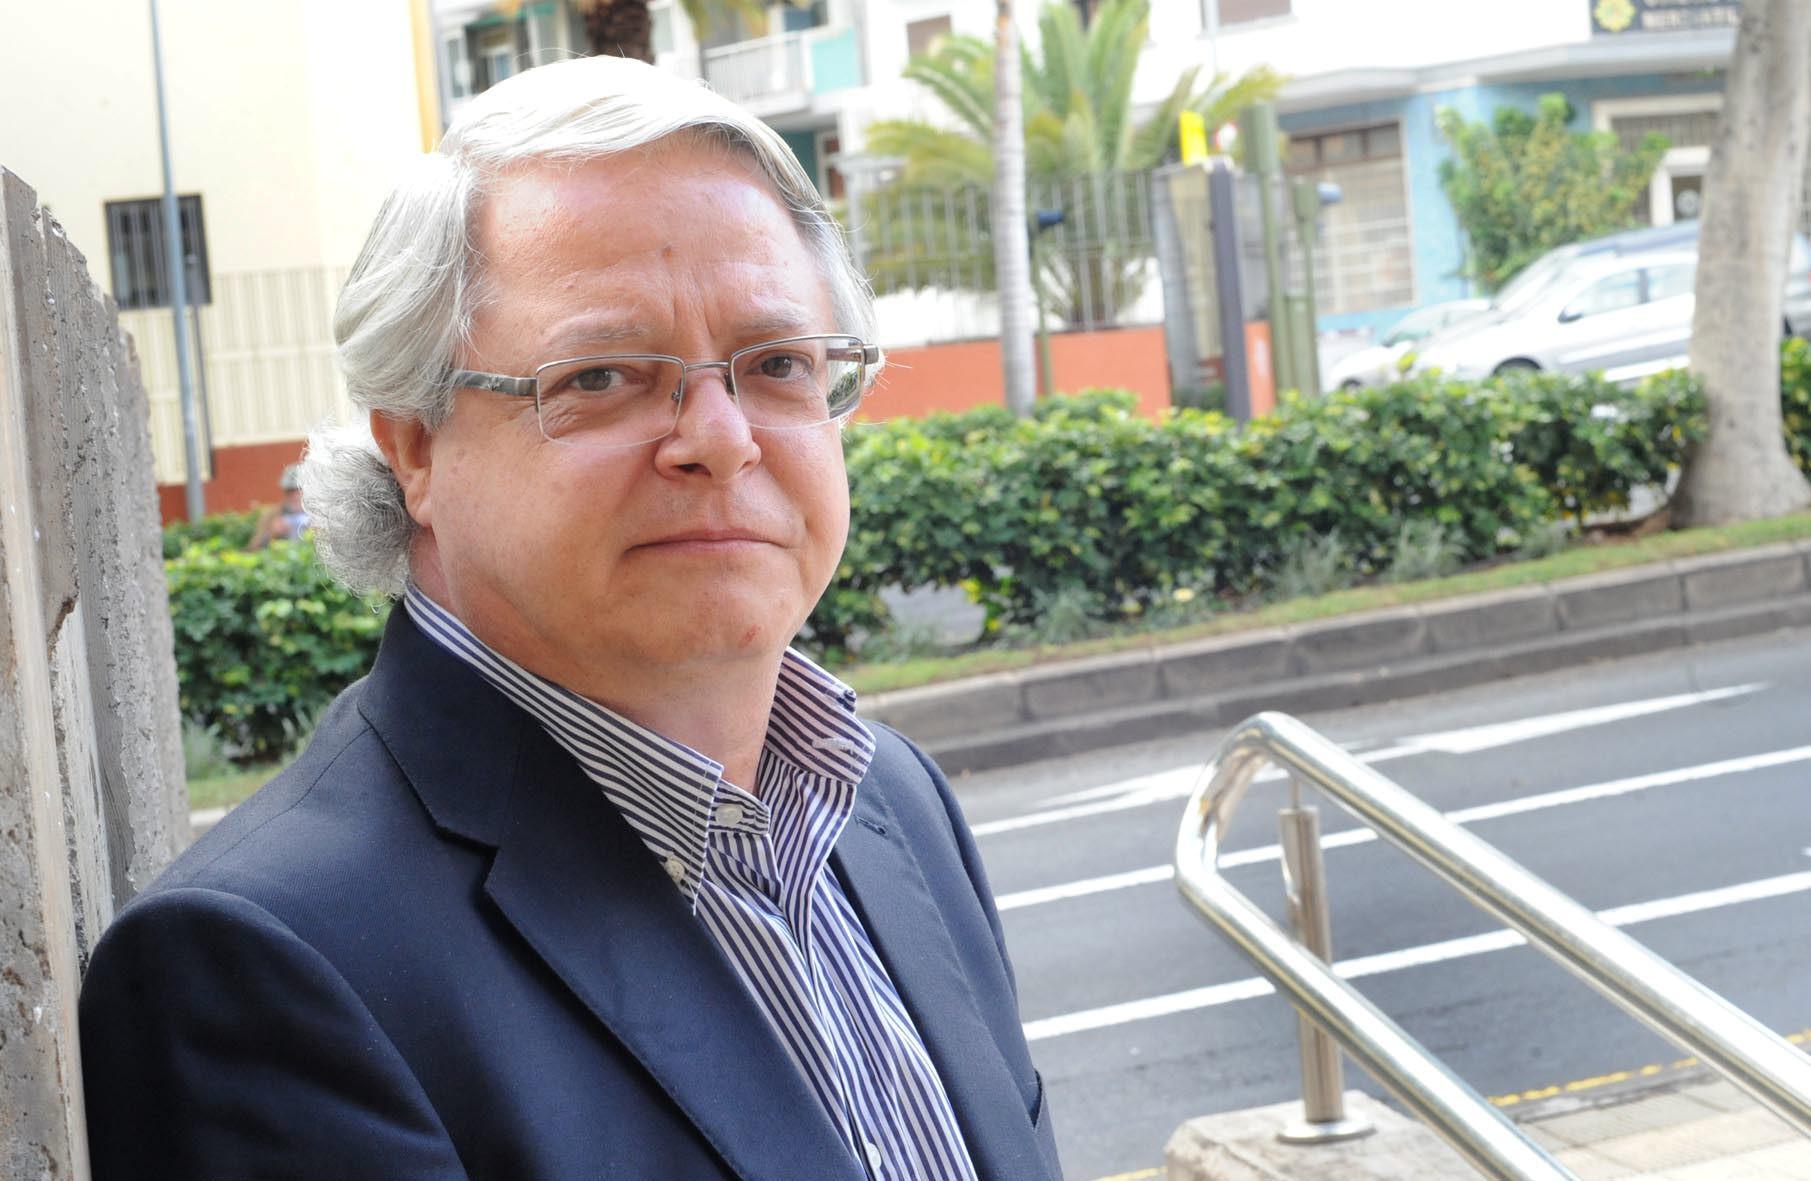 El gerente del Consorcio, Fernando Senante. DA